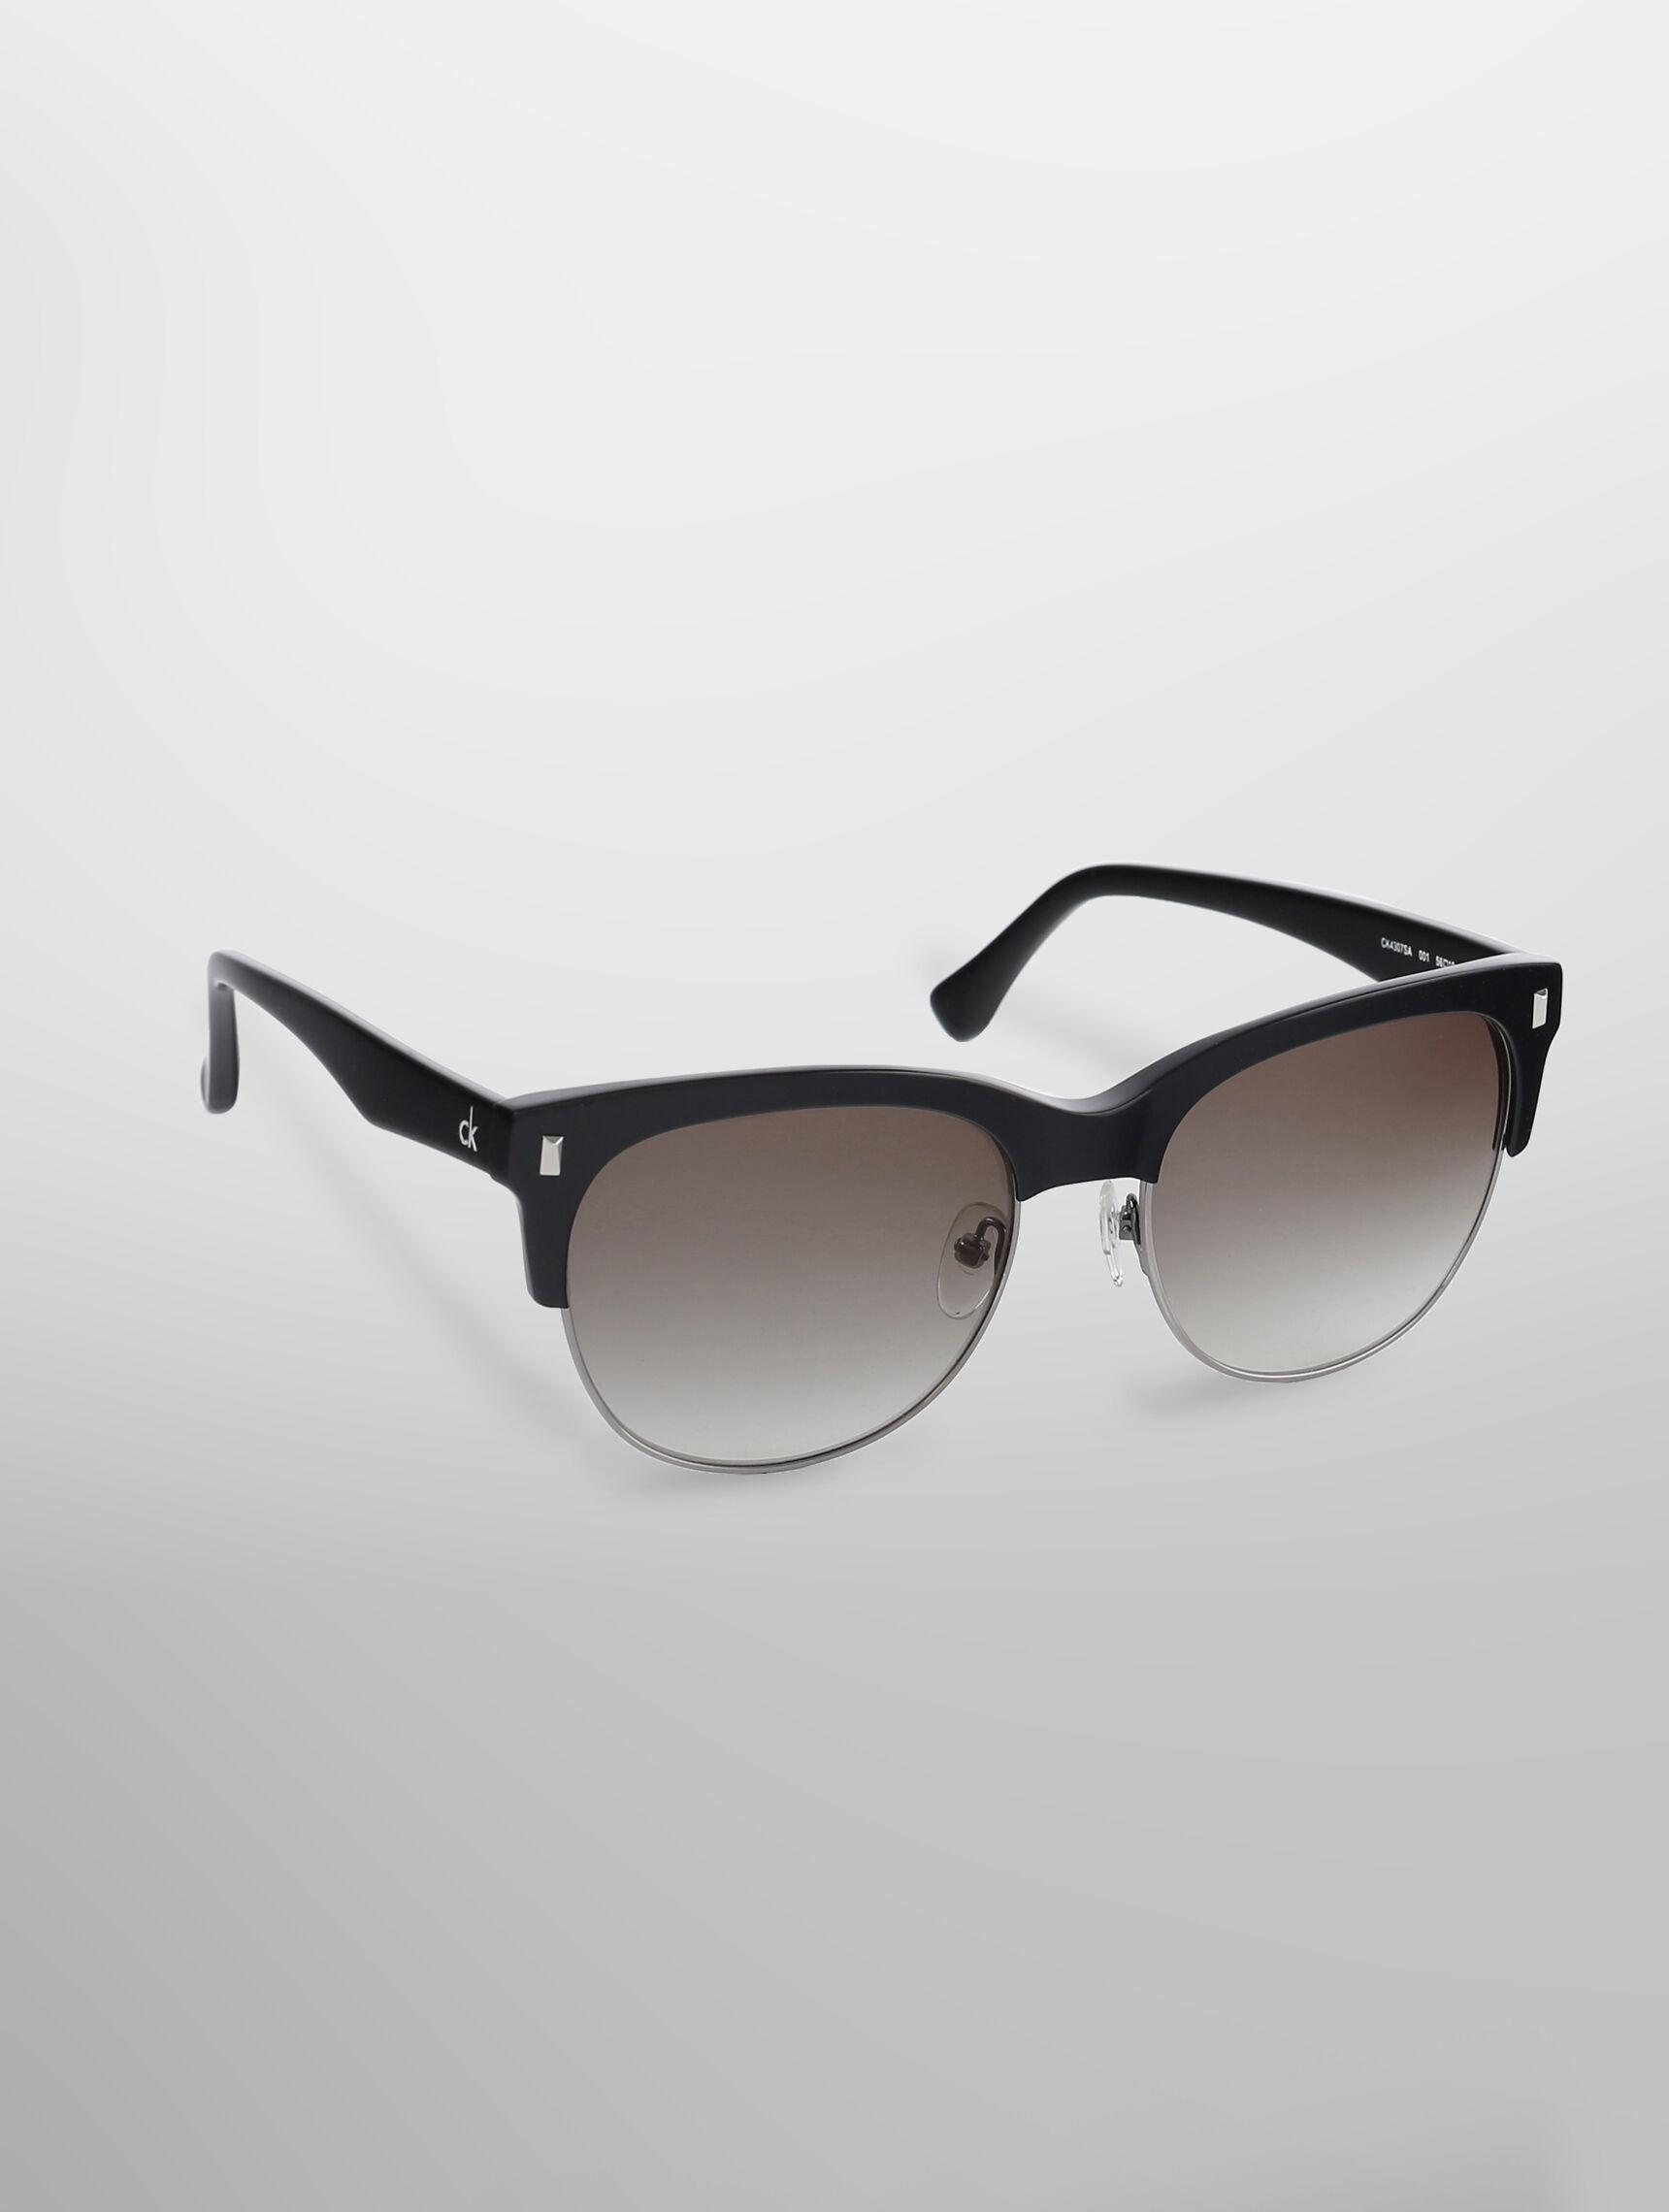 round womens sunglasses 2017